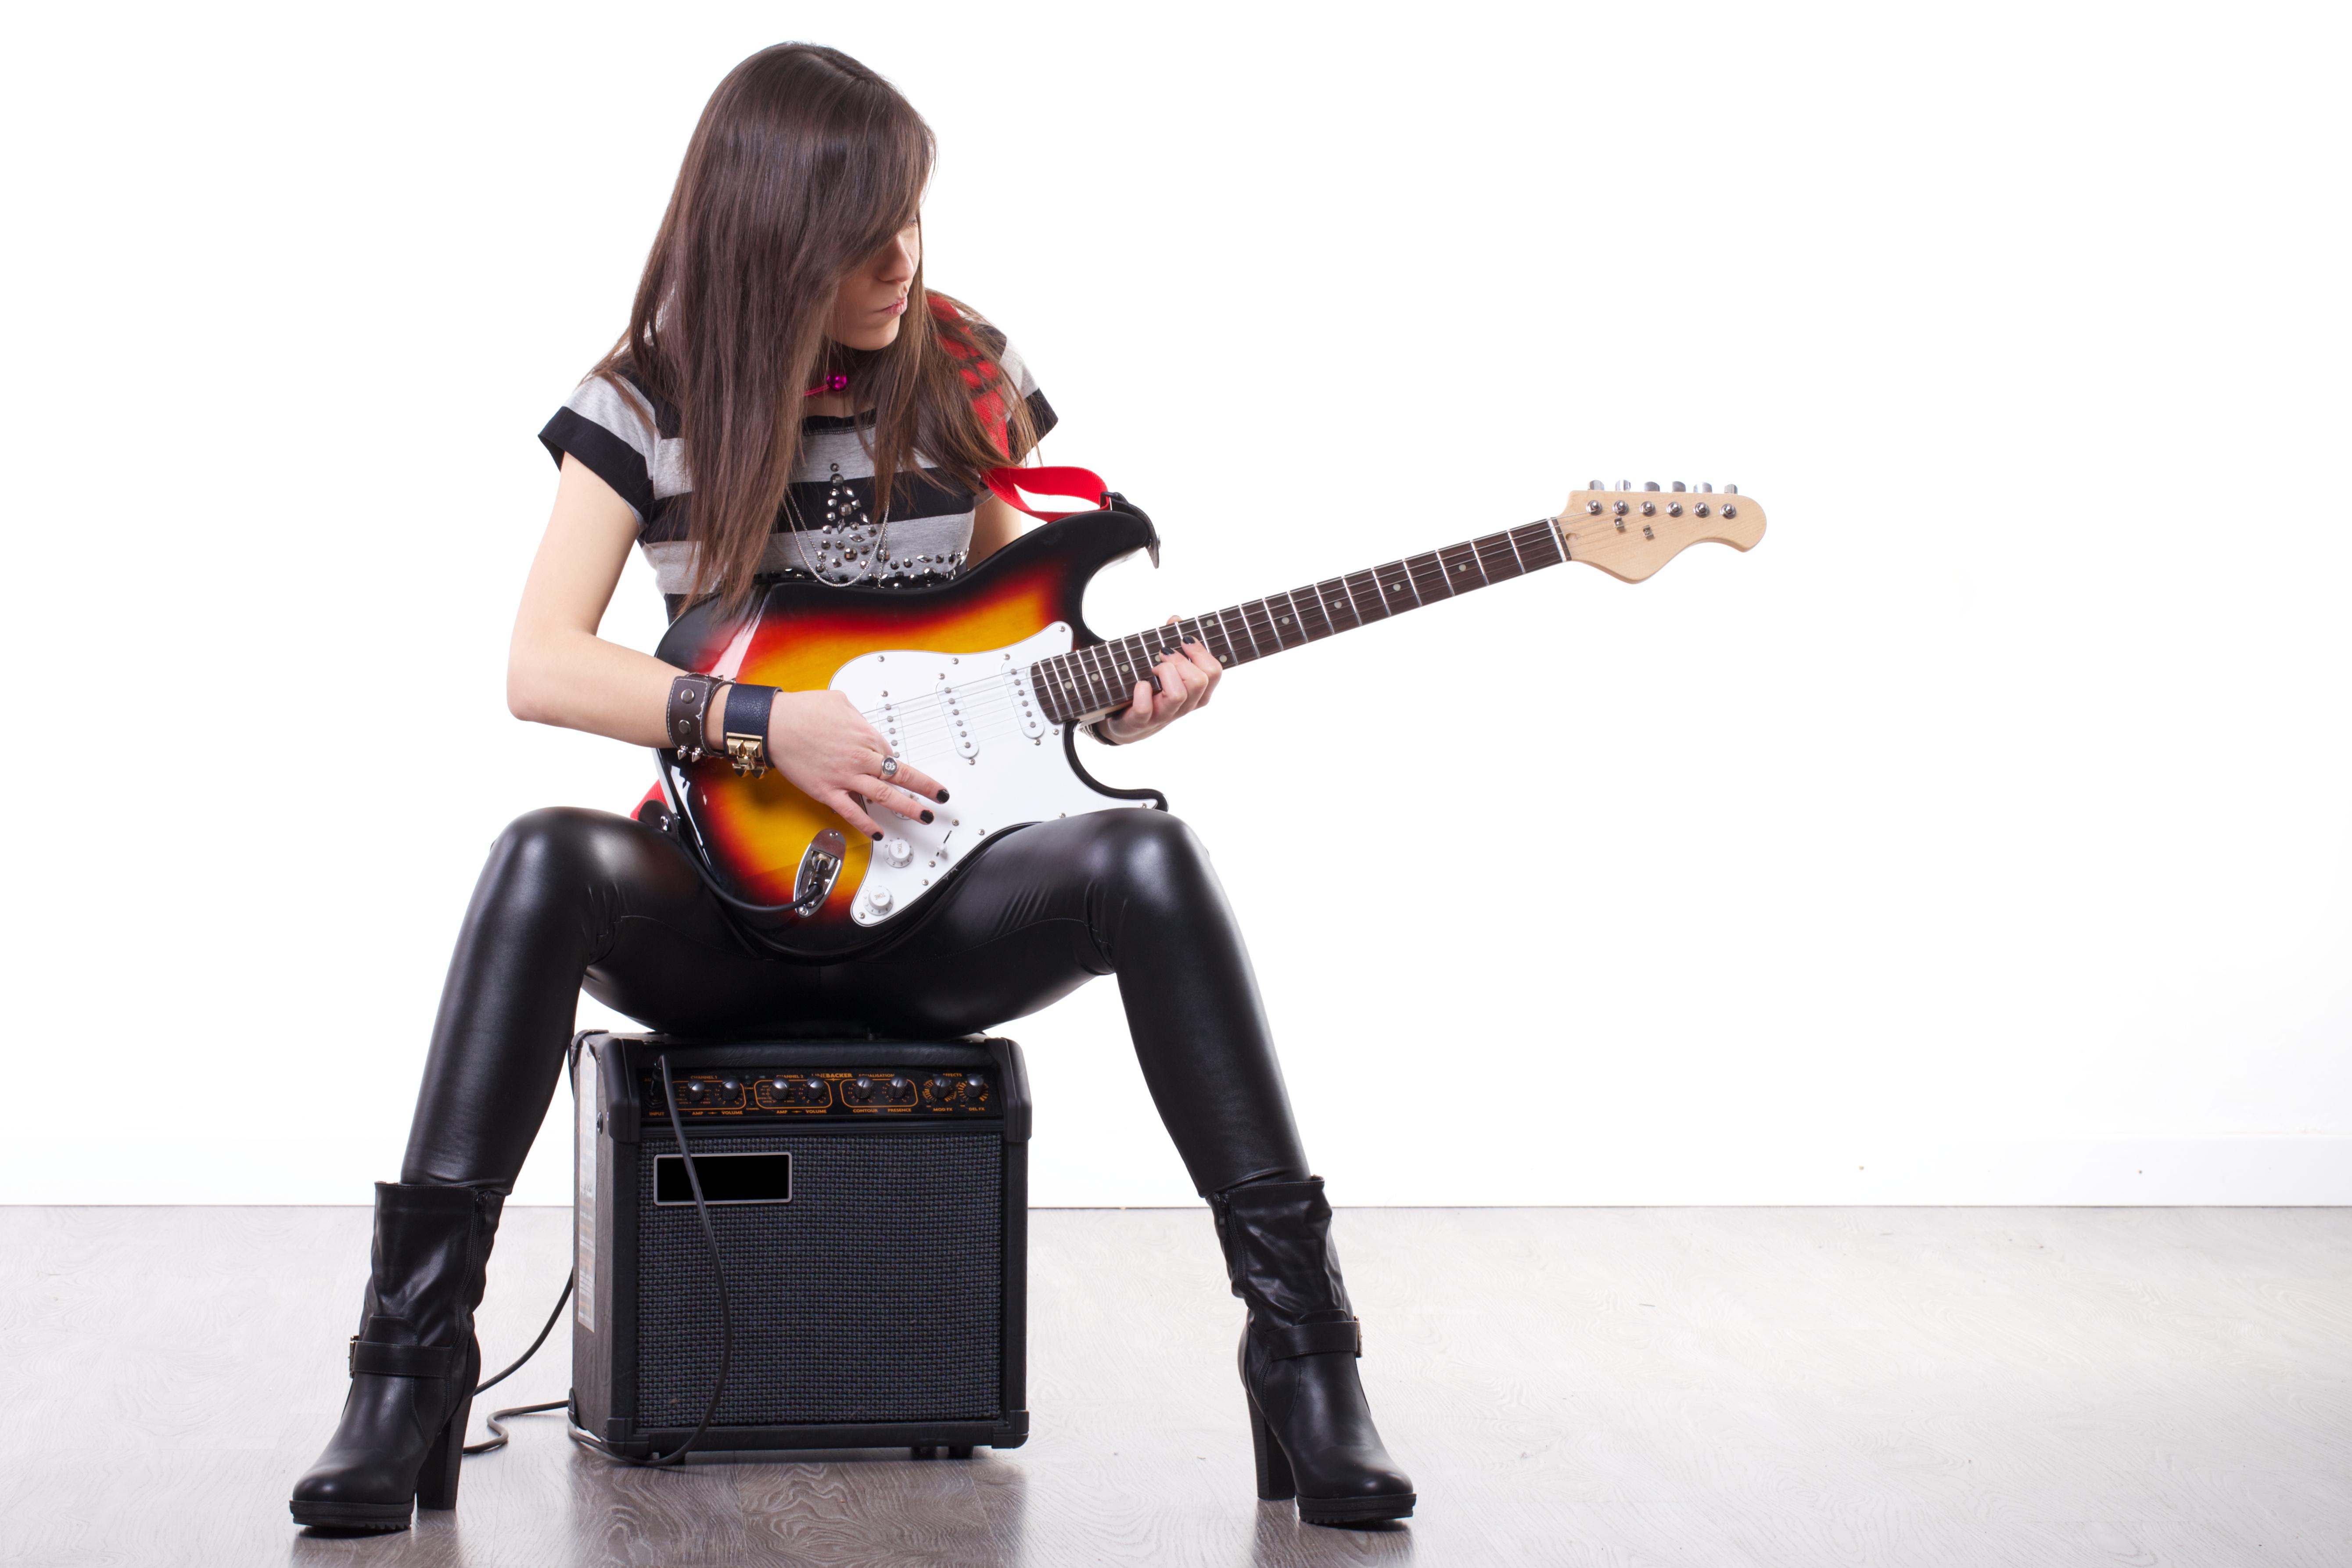 guitar player coustii. Black Bedroom Furniture Sets. Home Design Ideas